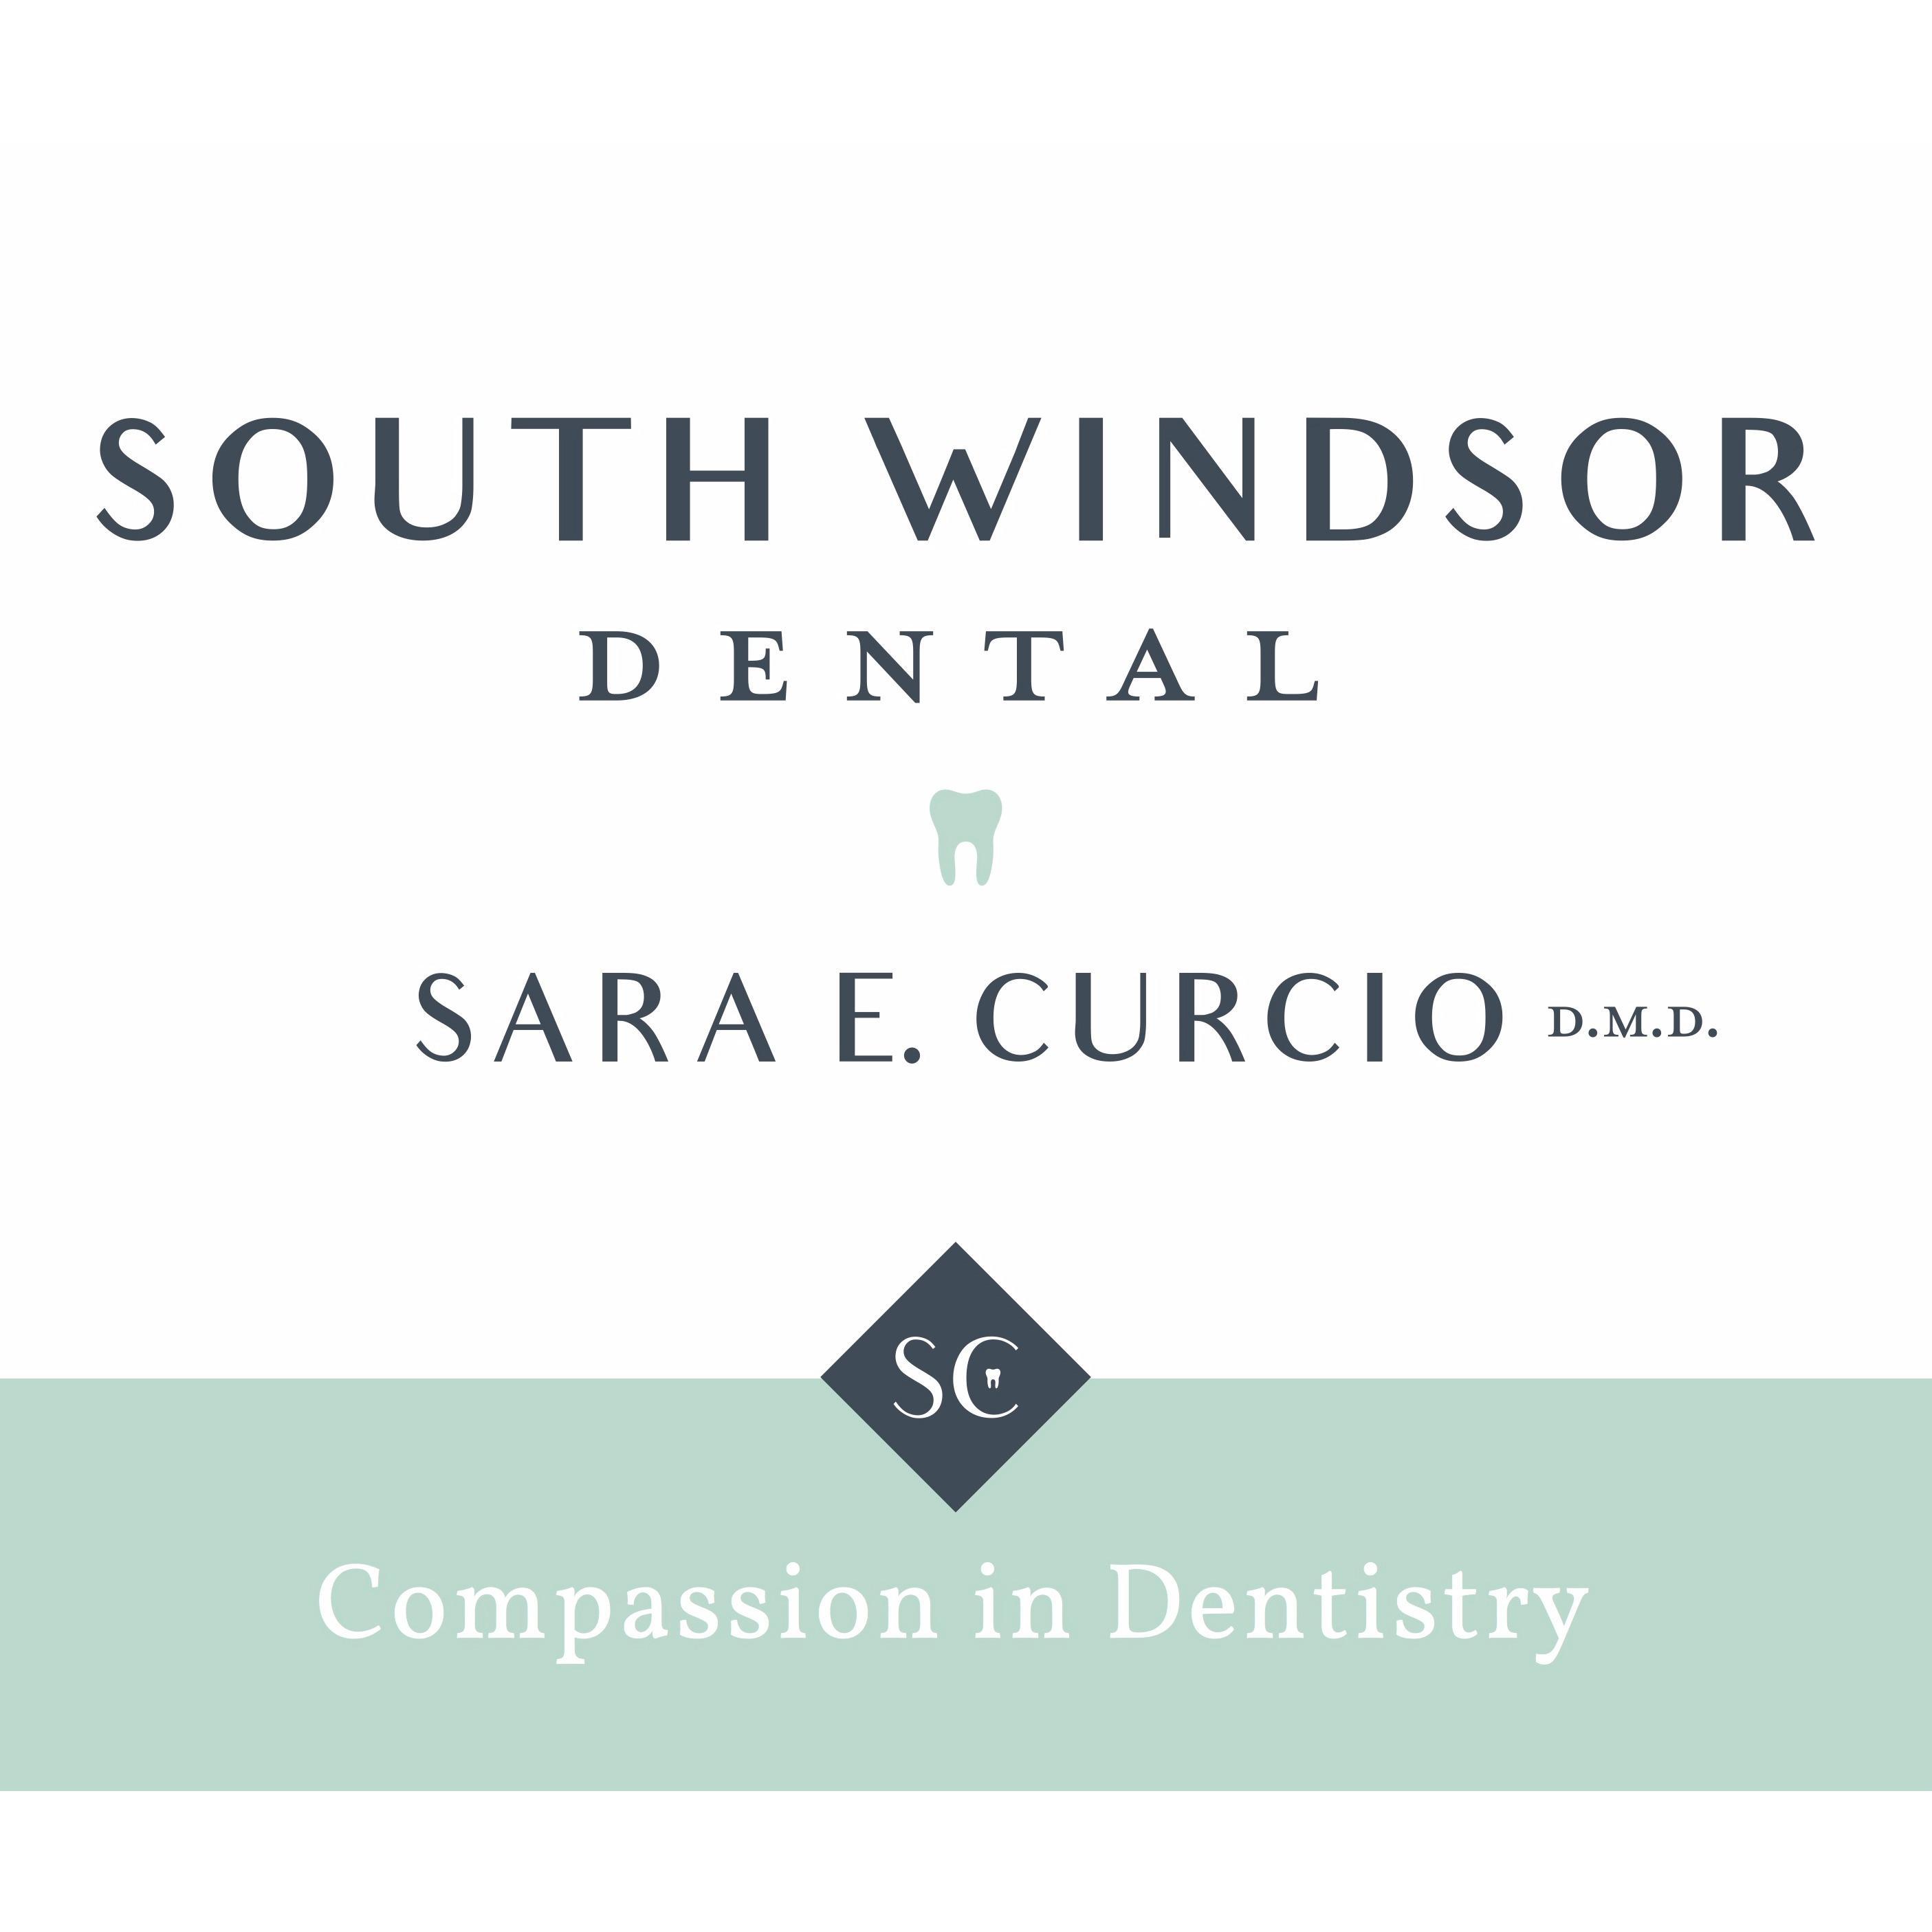 South Windsor Dental